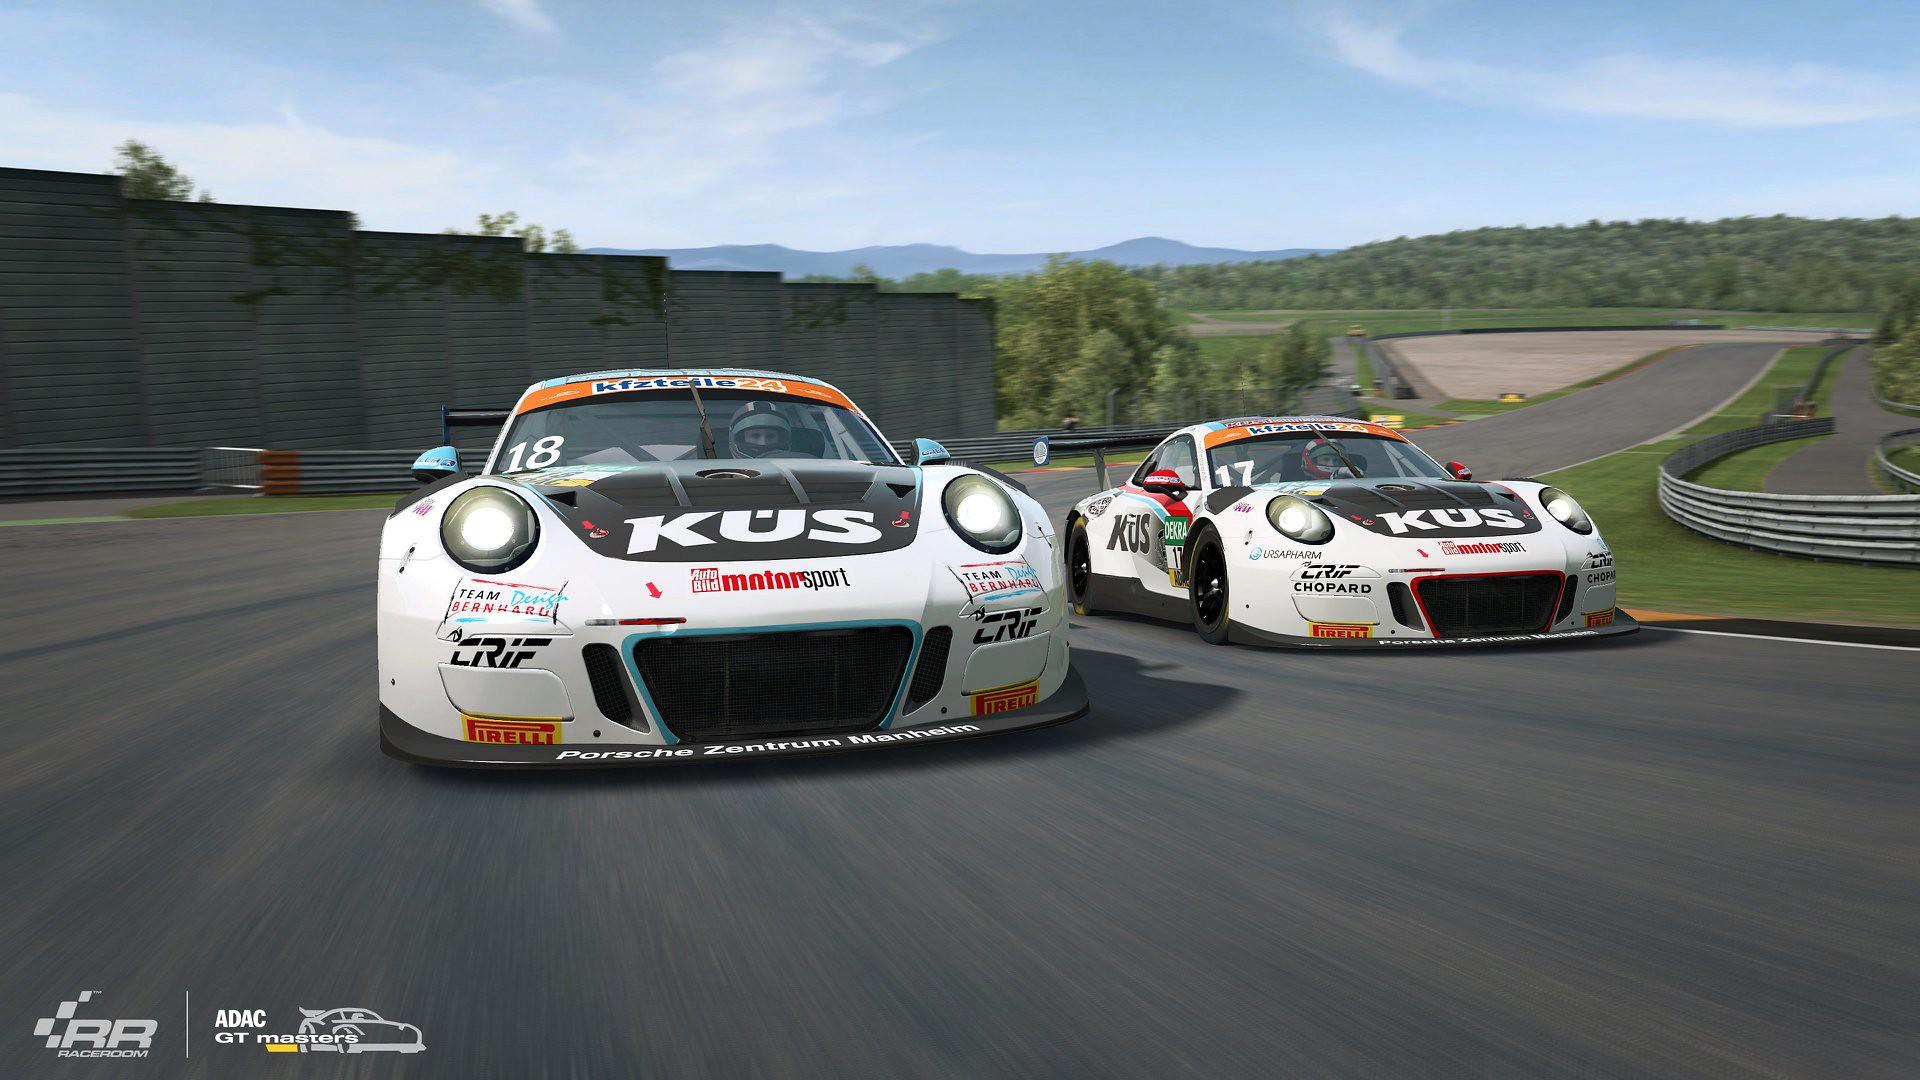 RaceRoom ADAC GT Masters 2018 Porsche 6